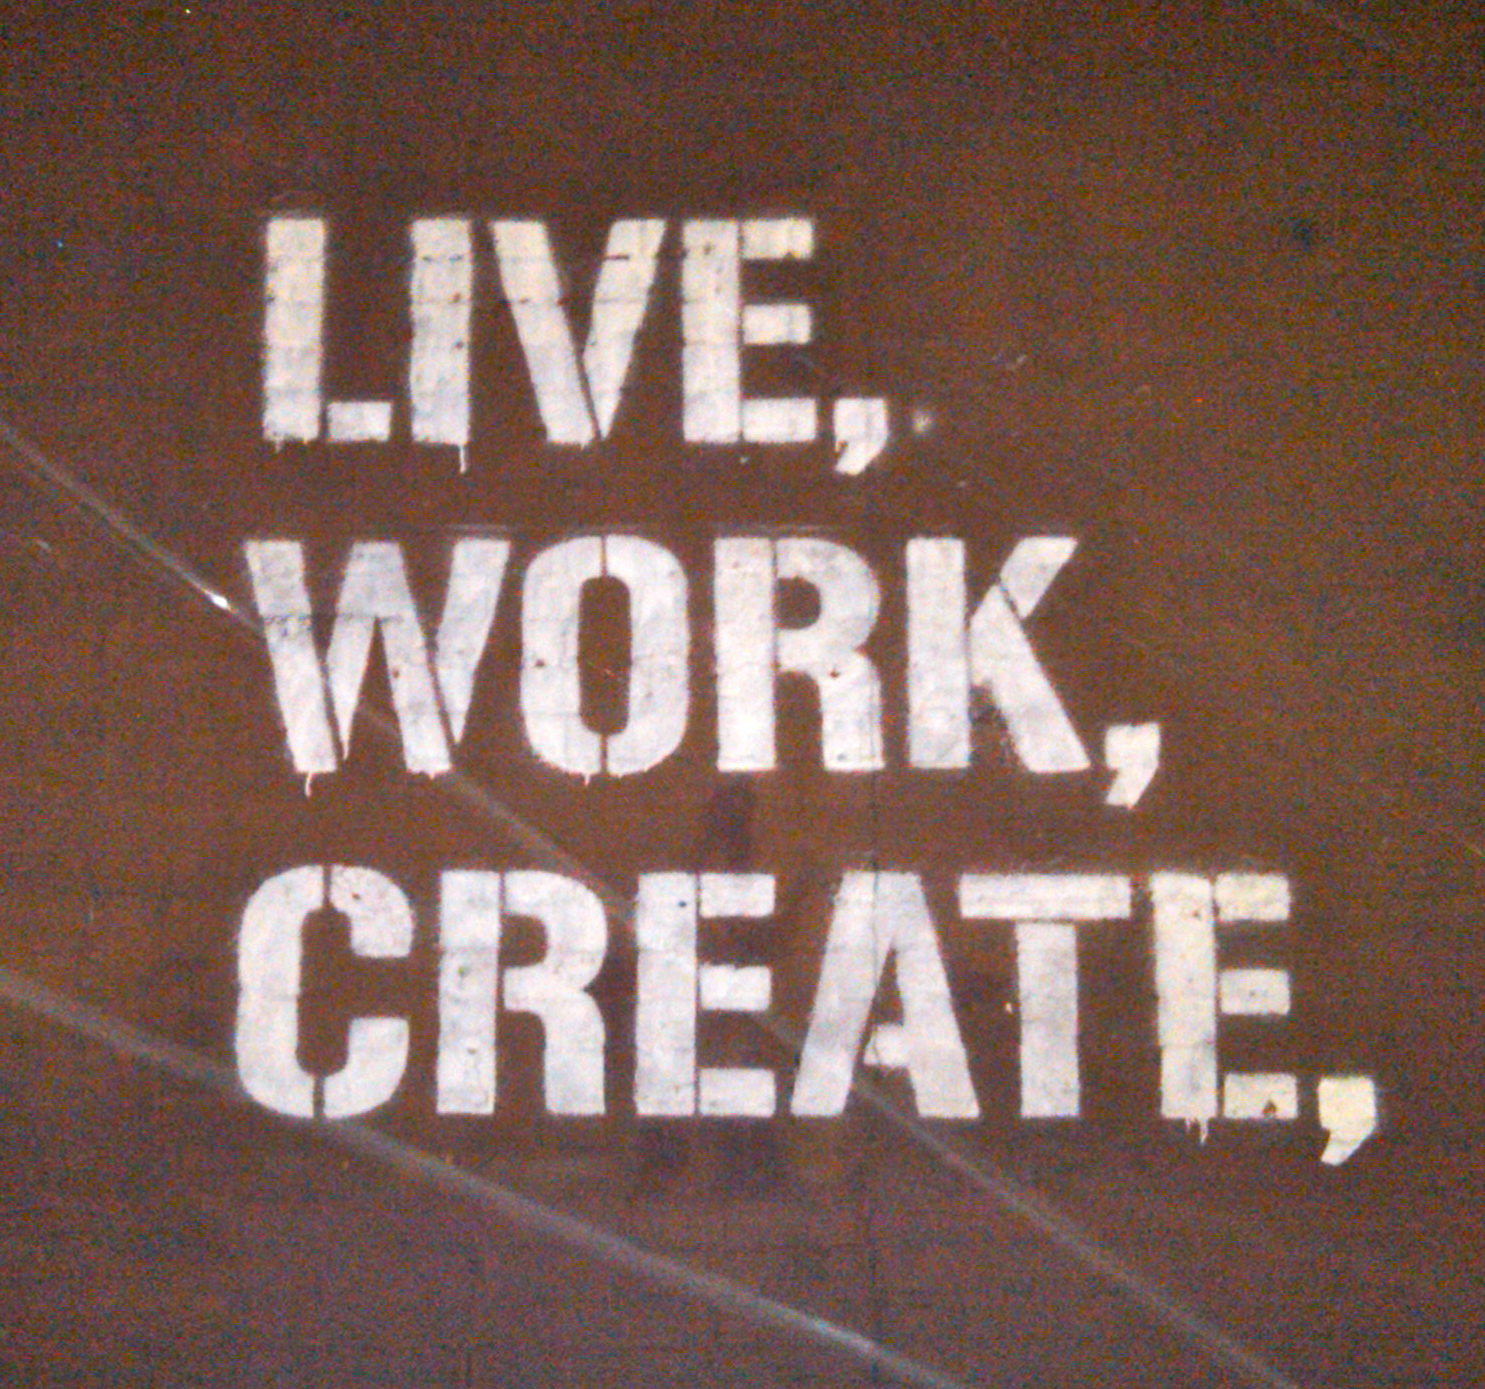 Michel Gondry's quote